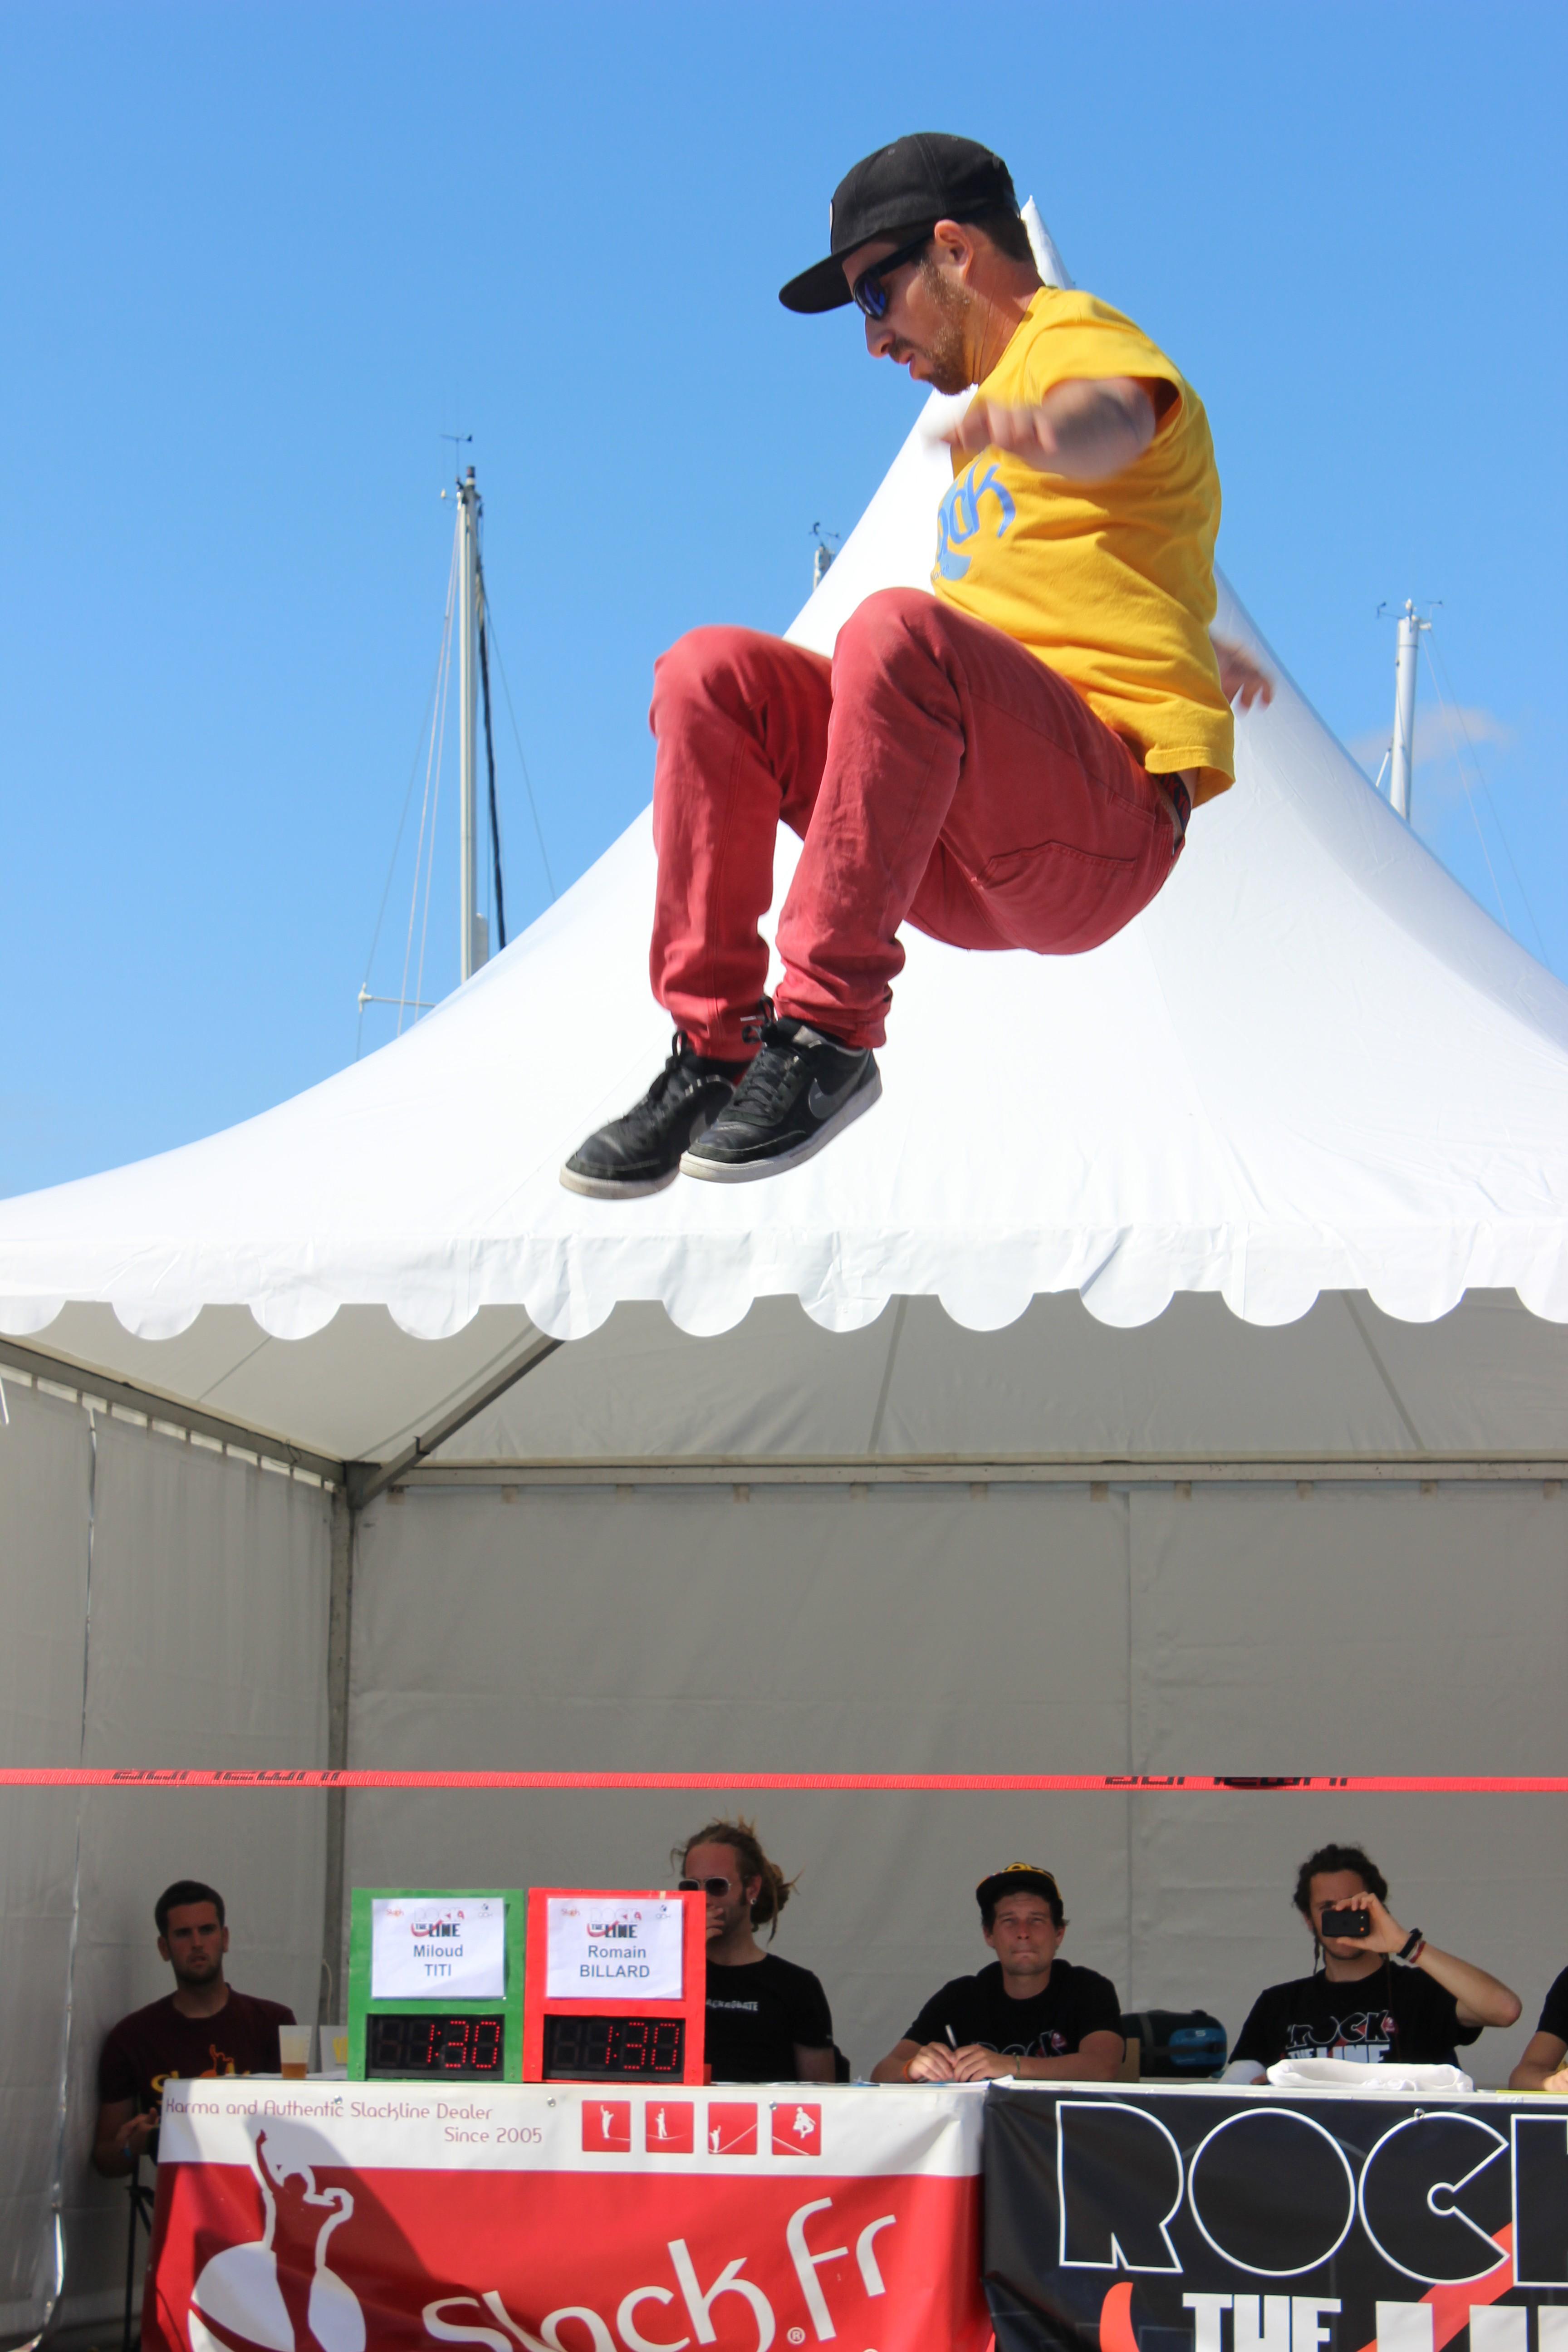 Le premier Vertical Océan Camp de France avait lieu à La Rochelle, avec les meilleurs grimpeurs mondiaux, le 25 avril 2015. Gérôme Pouvreau remporte le trophée chez les hommes et Florence Pinet chez les femmes.